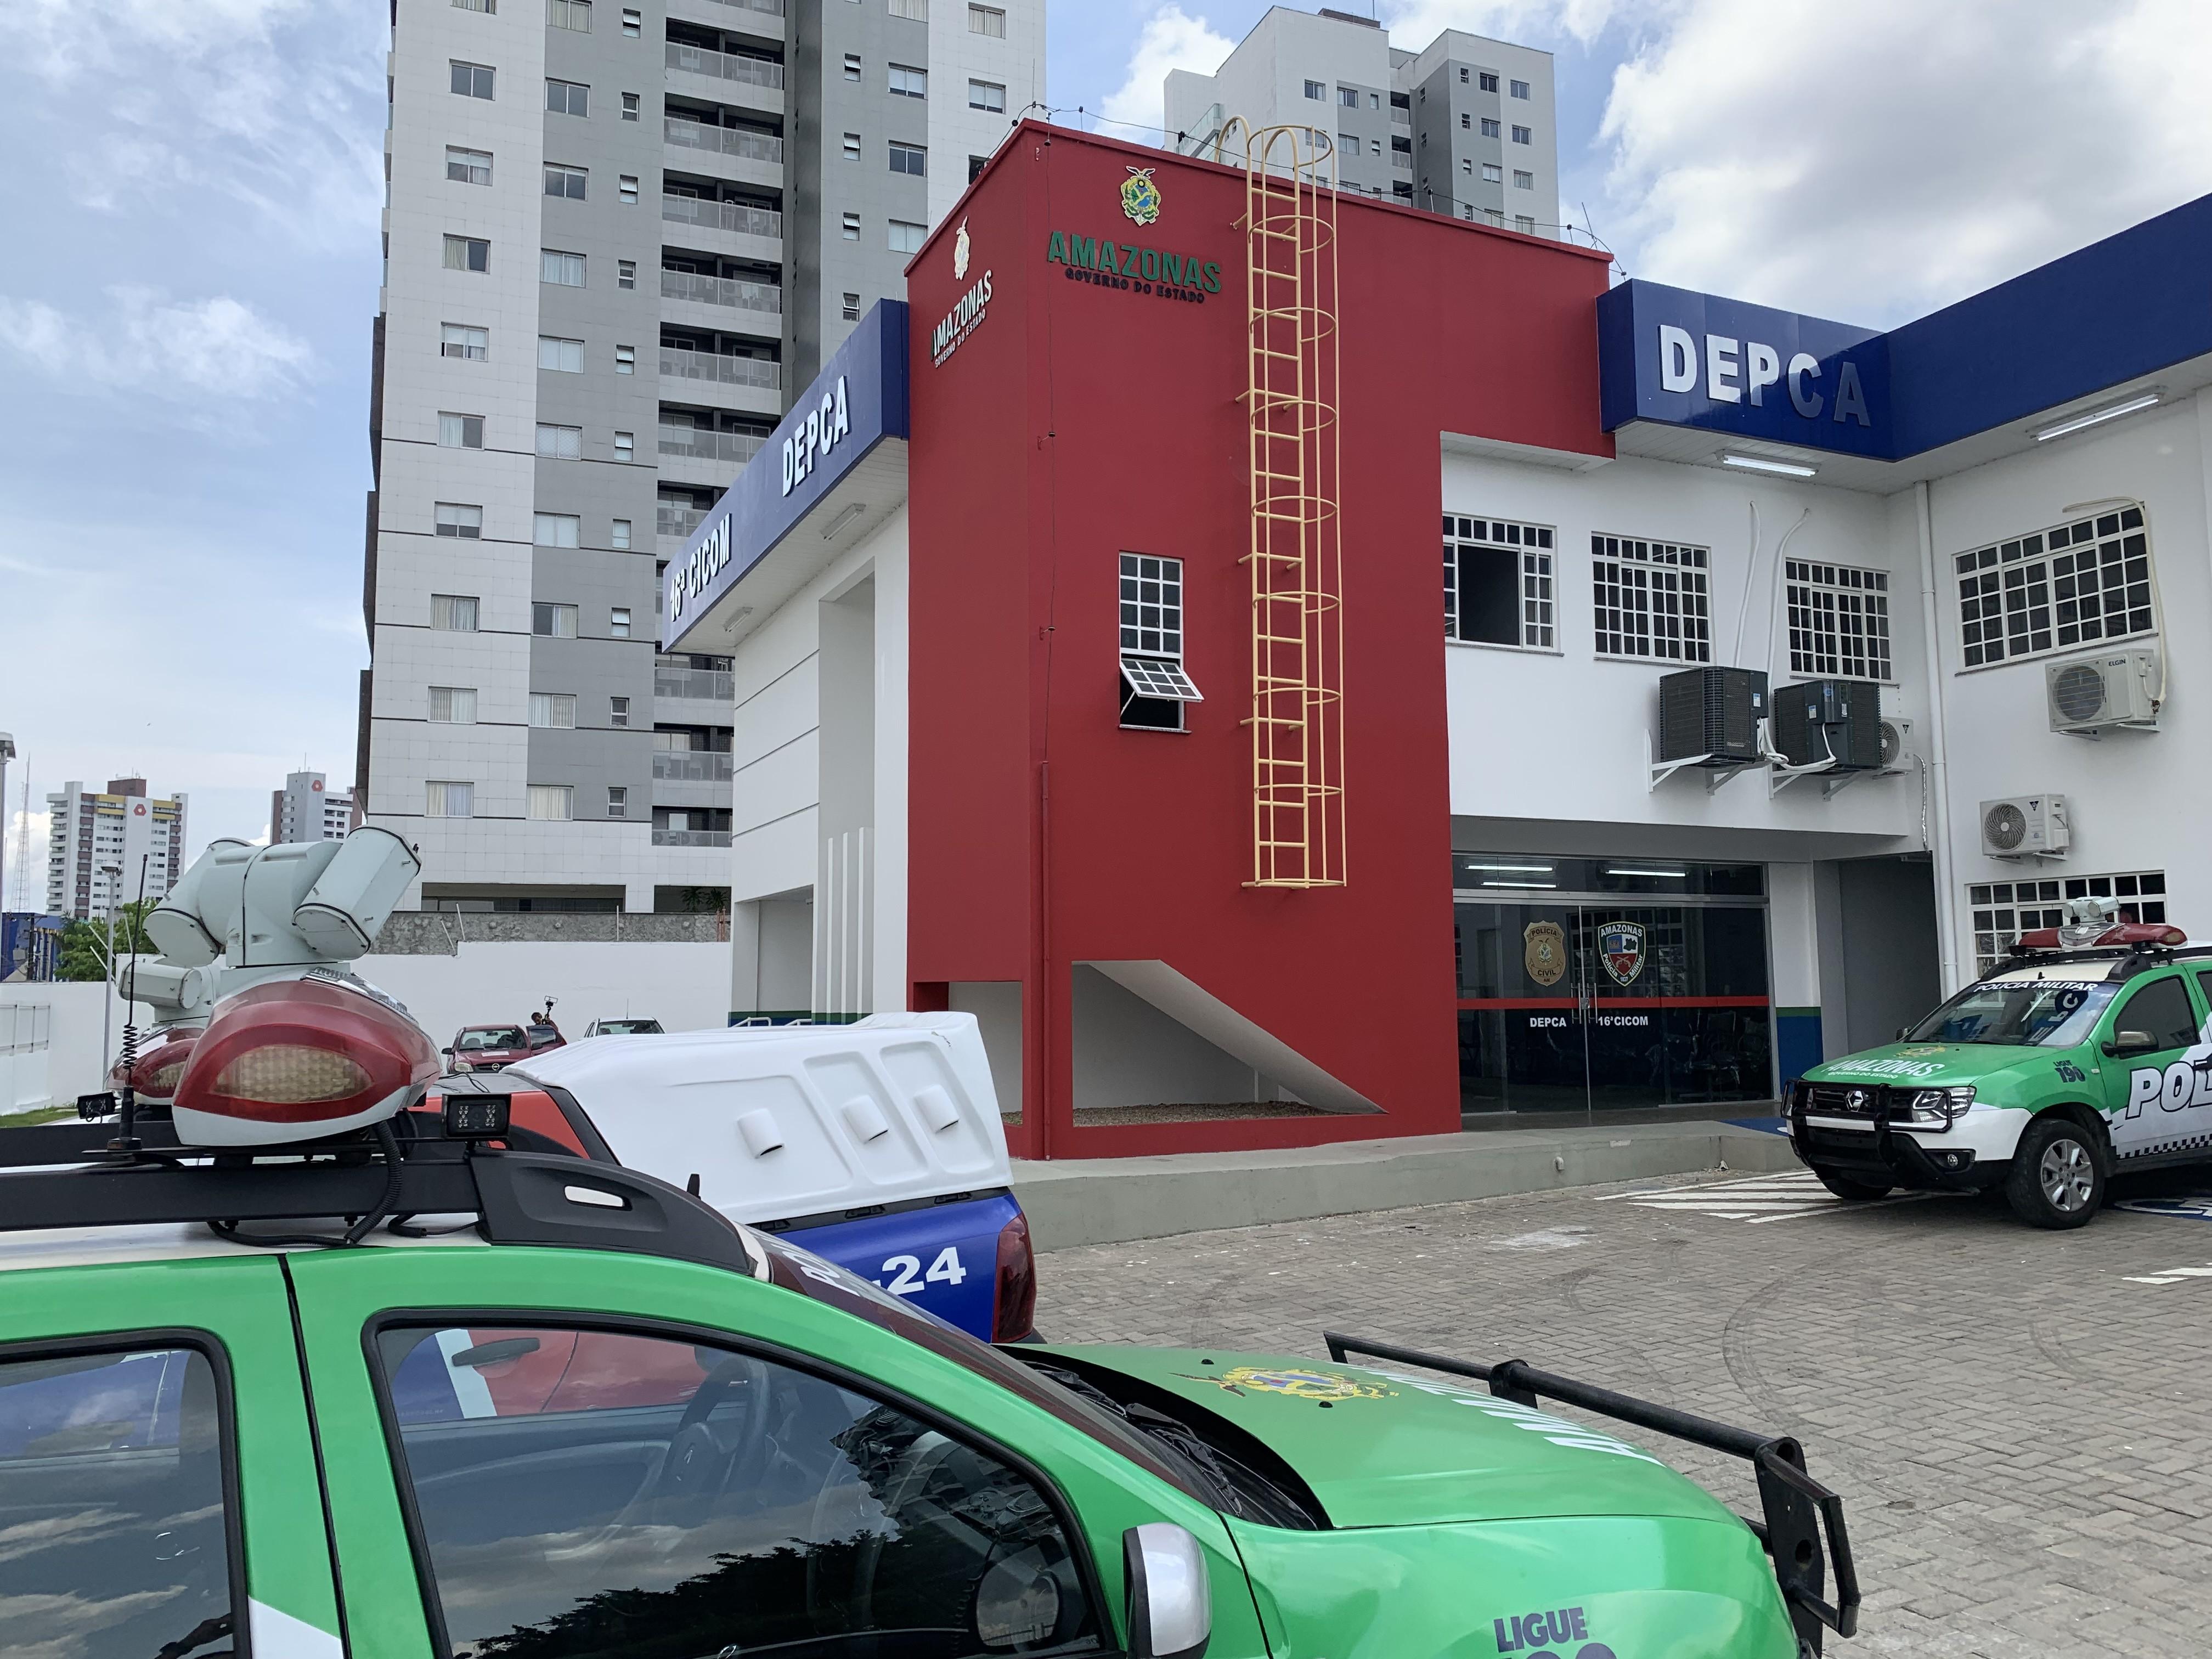 Homem é preso suspeito de estuprar filha de 13 anos em Manaus - Notícias - Plantão Diário